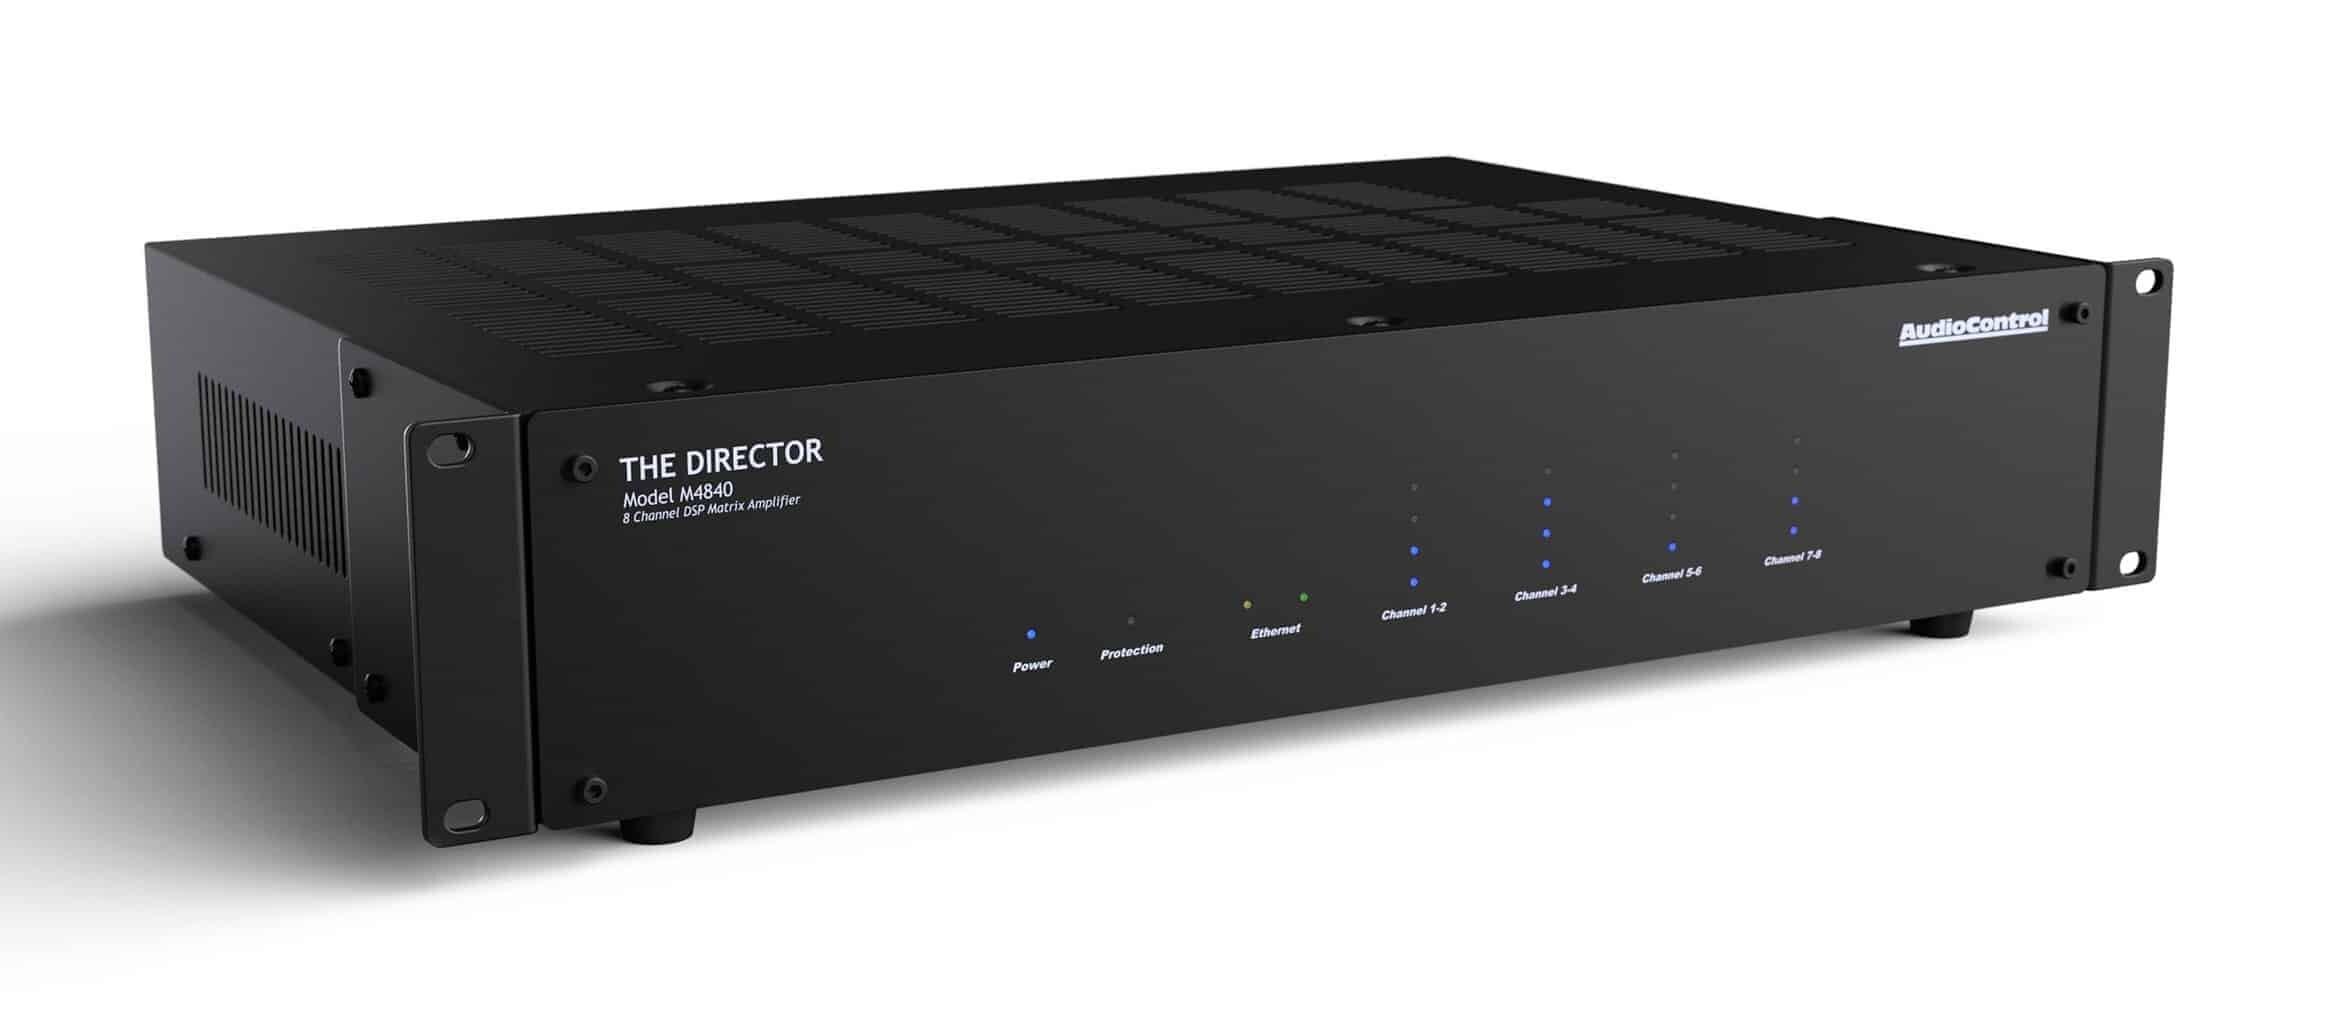 AudioControl Director M4840